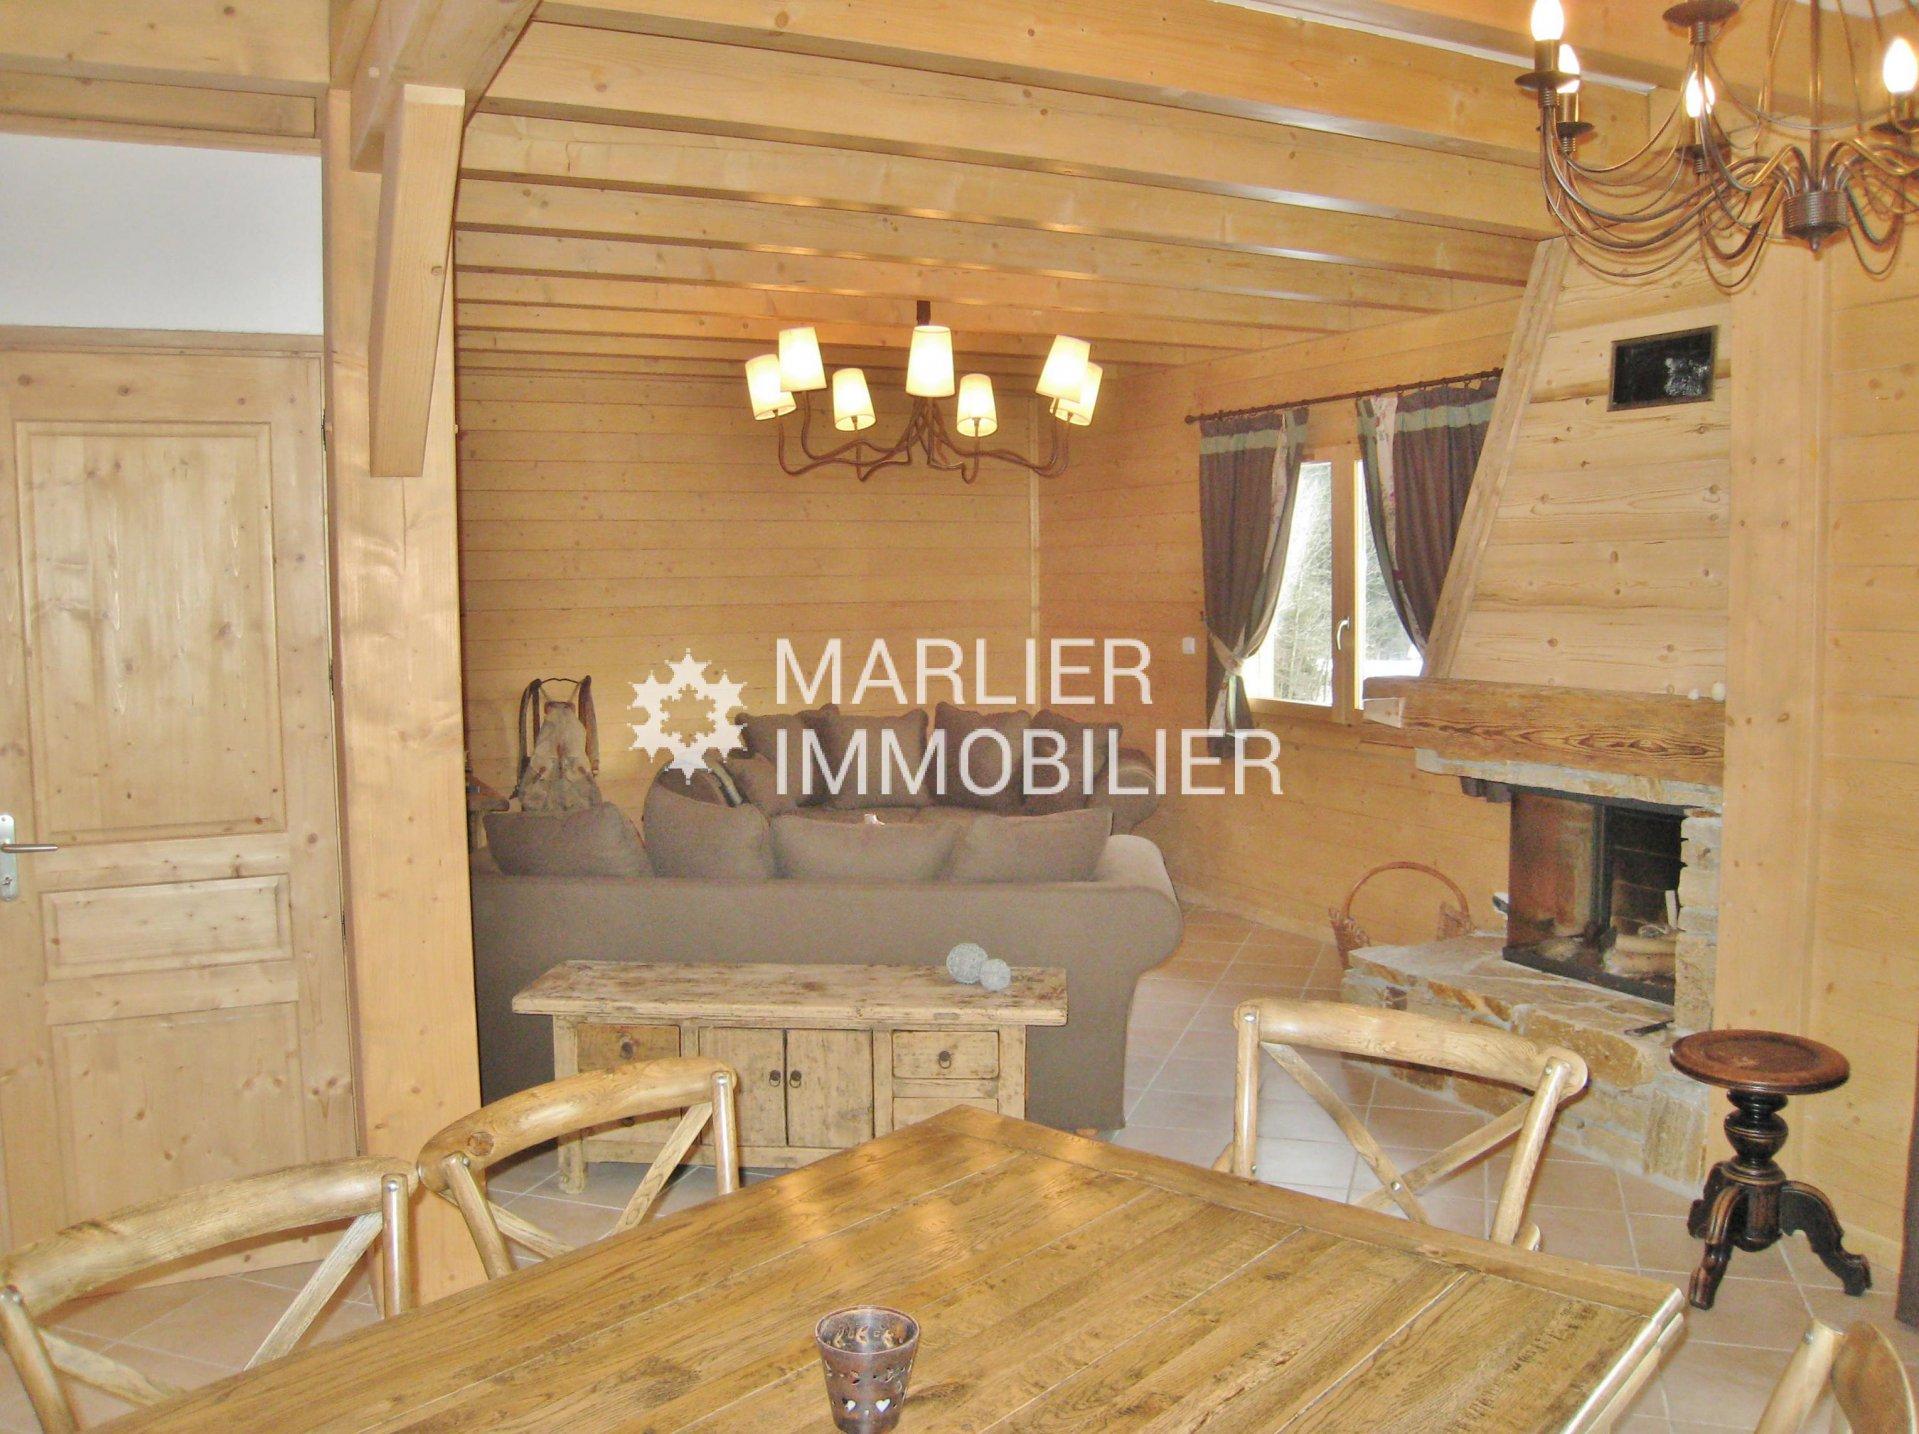 Seasonal rental Chalet - Praz-sur-Arly